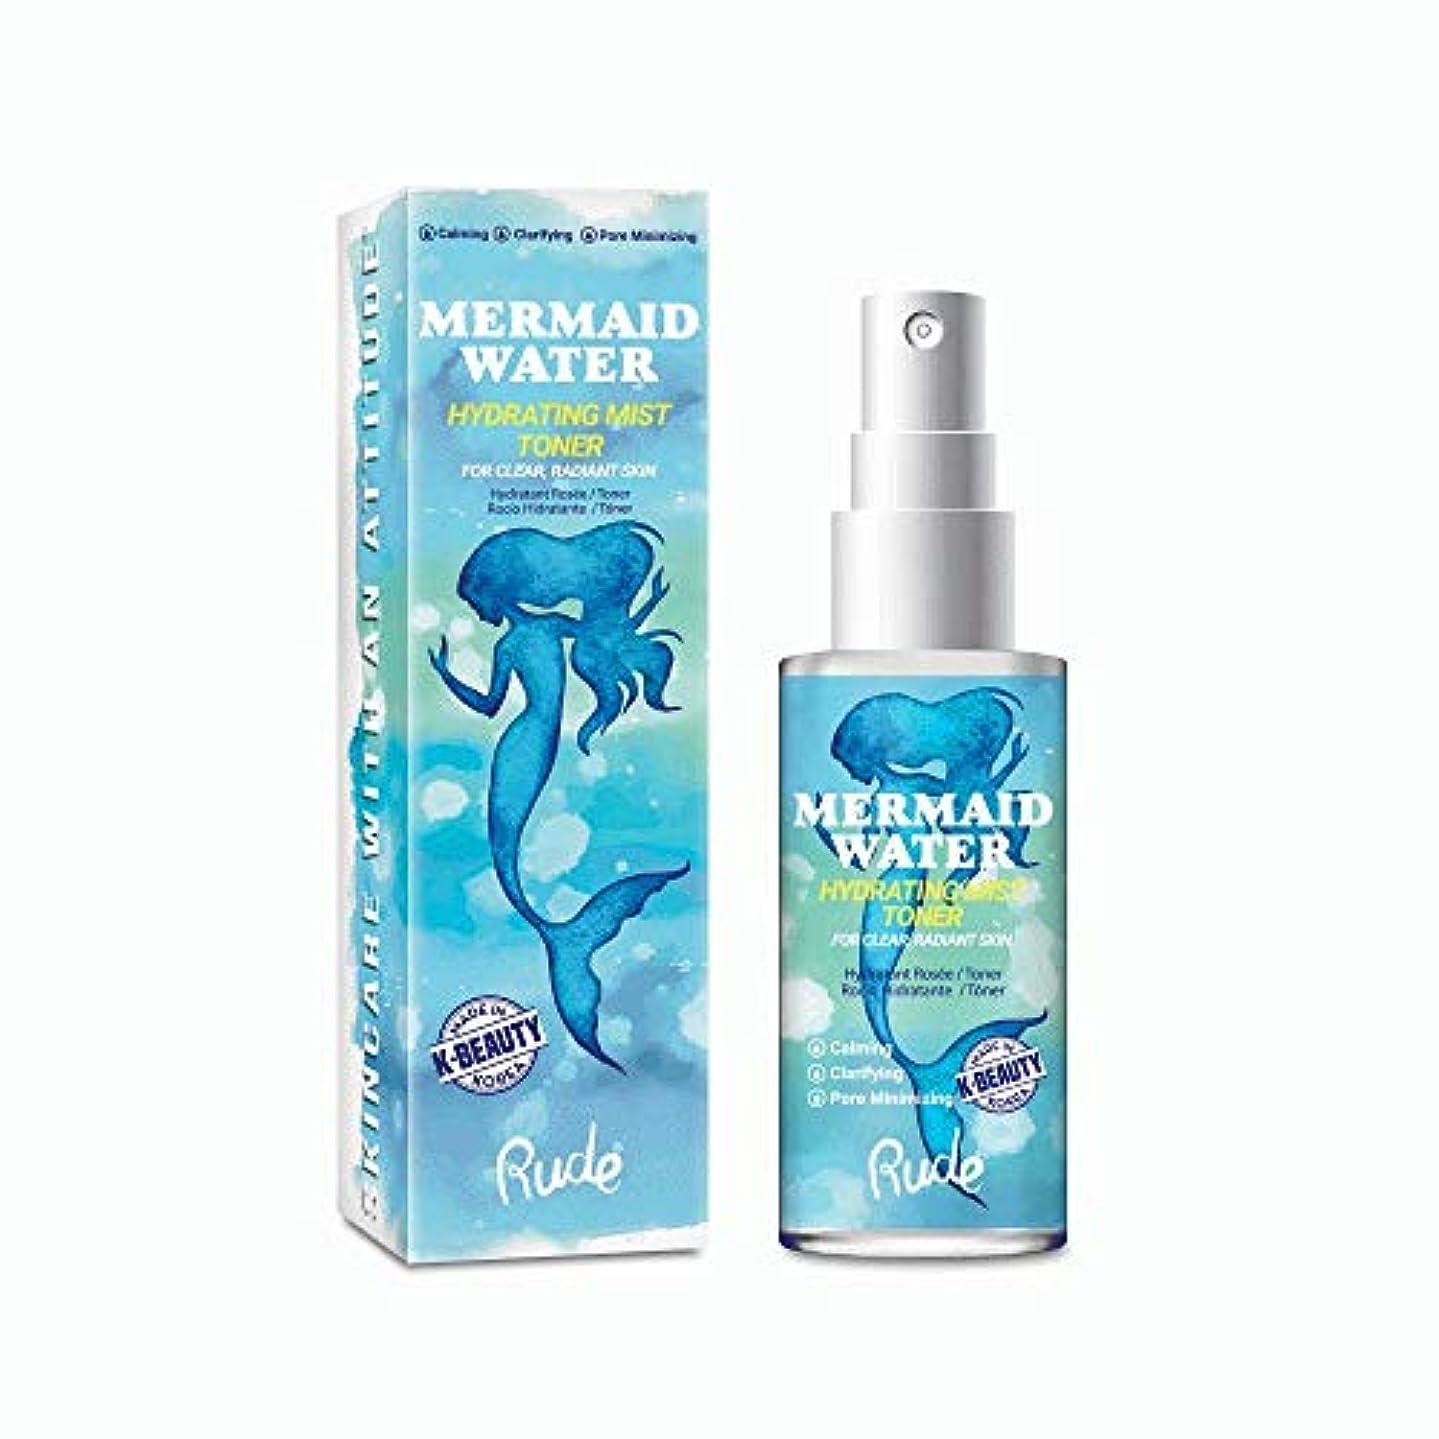 避ける議論する全国(6 Pack) RUDE Mermaid Water Hydrating Mist Toner (並行輸入品)